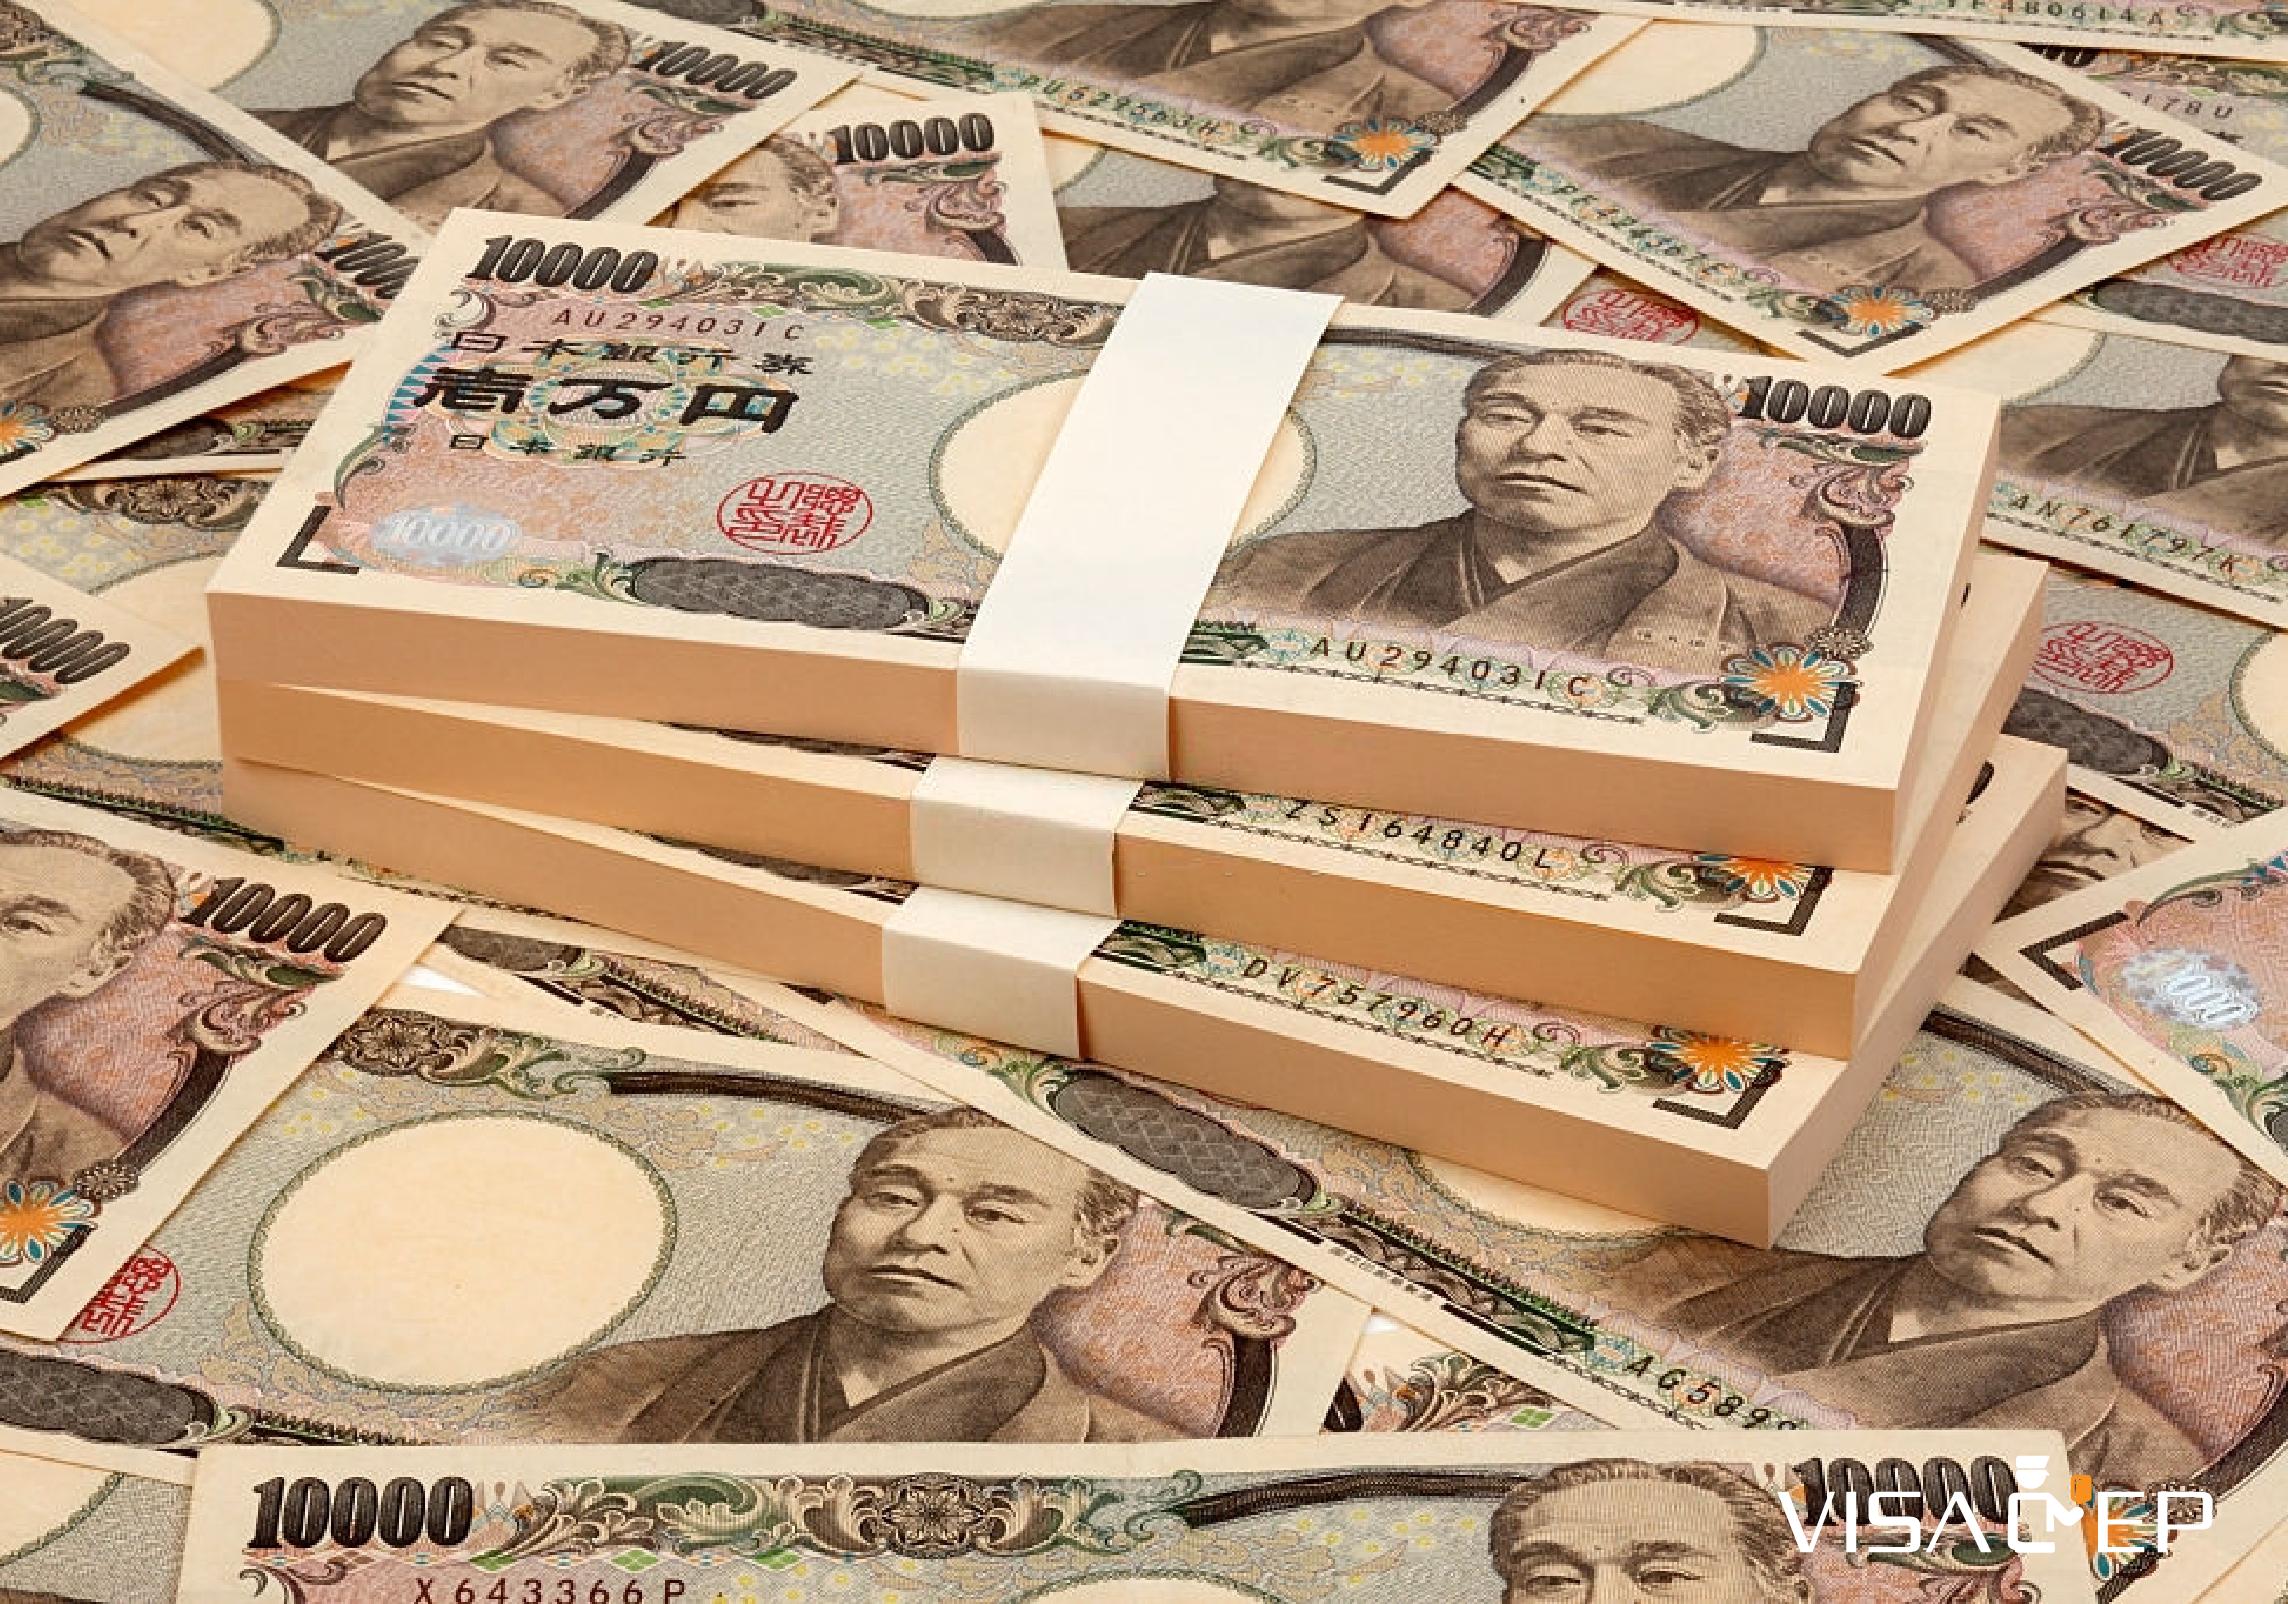 Việc làm thêm tại Nhật Bản giúp bạn có nguồn thu nhập không hề nhỏ